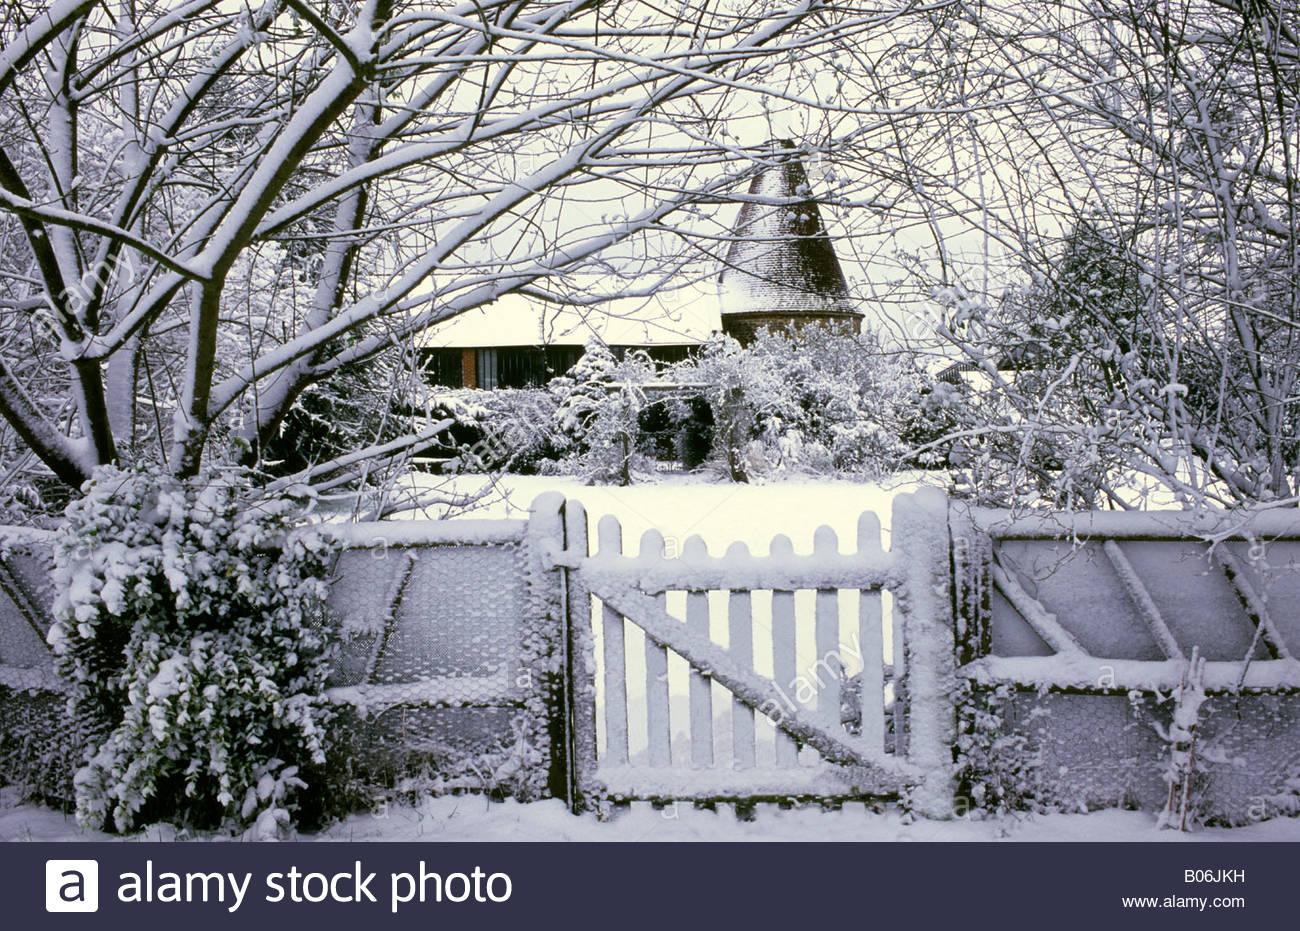 Les maisons Oast Hampshire vue par grille du jardin en hiver neige ...